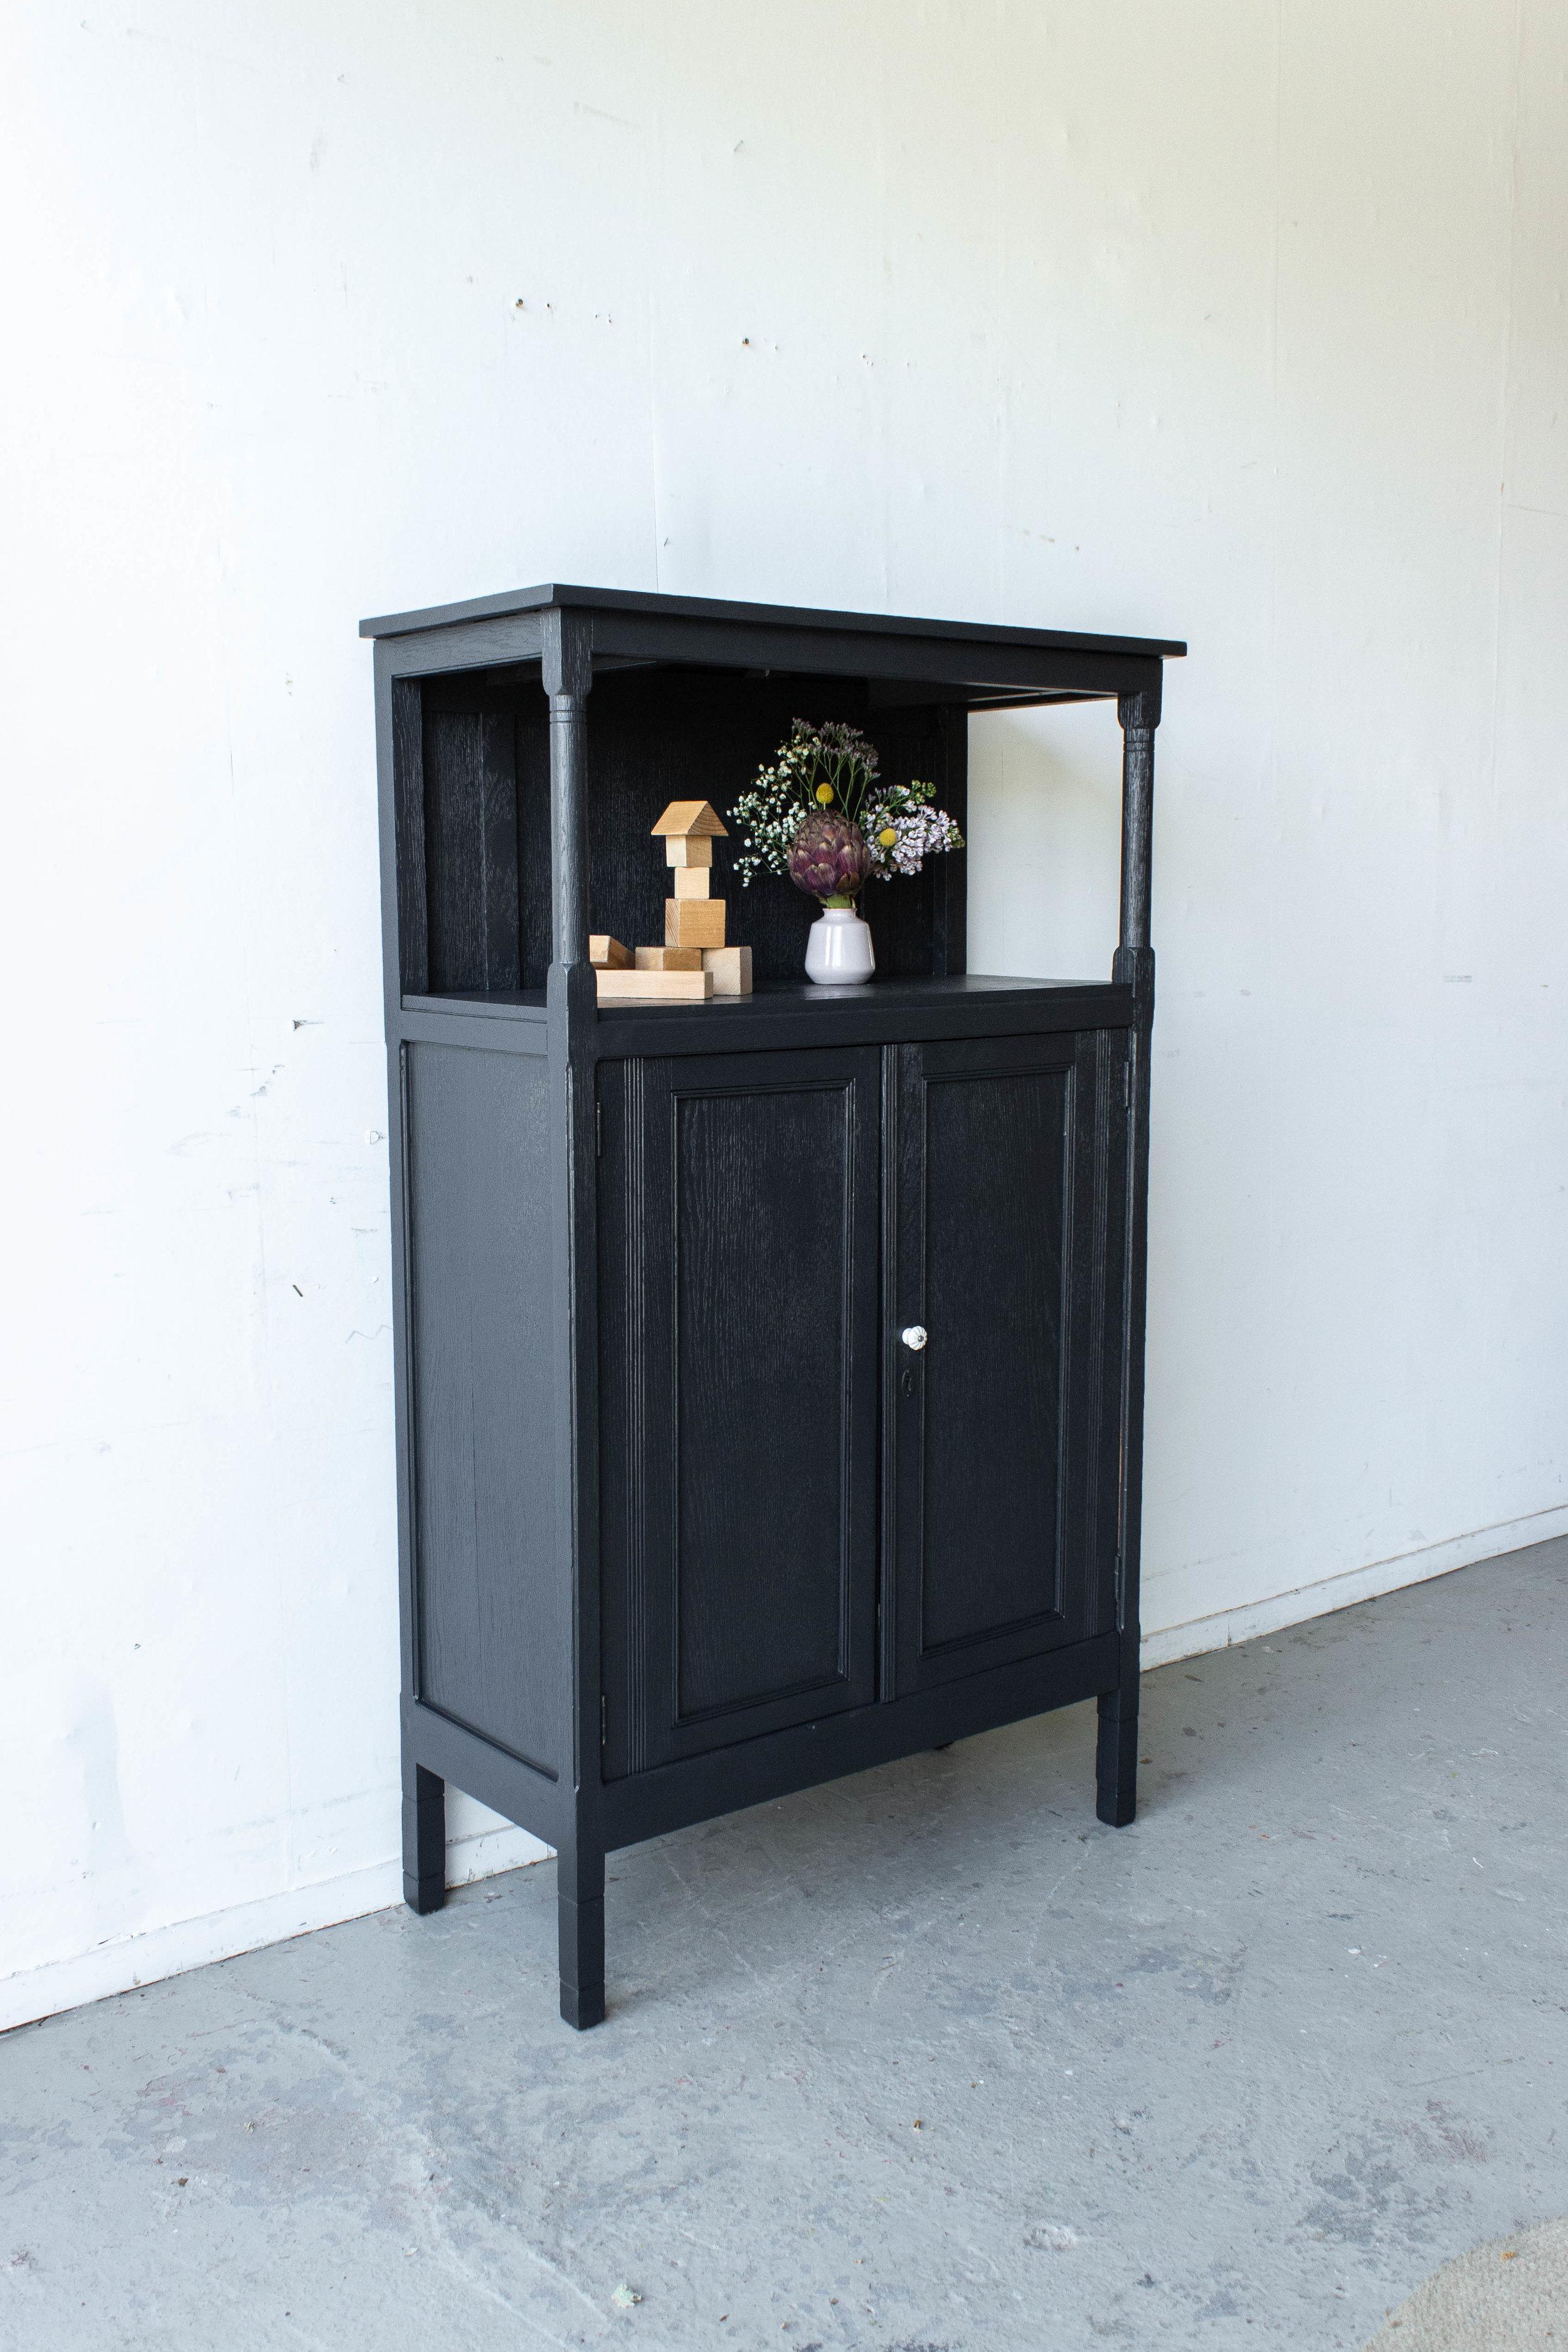 1515 - Kraaizwart vintage kastje-5.jpg